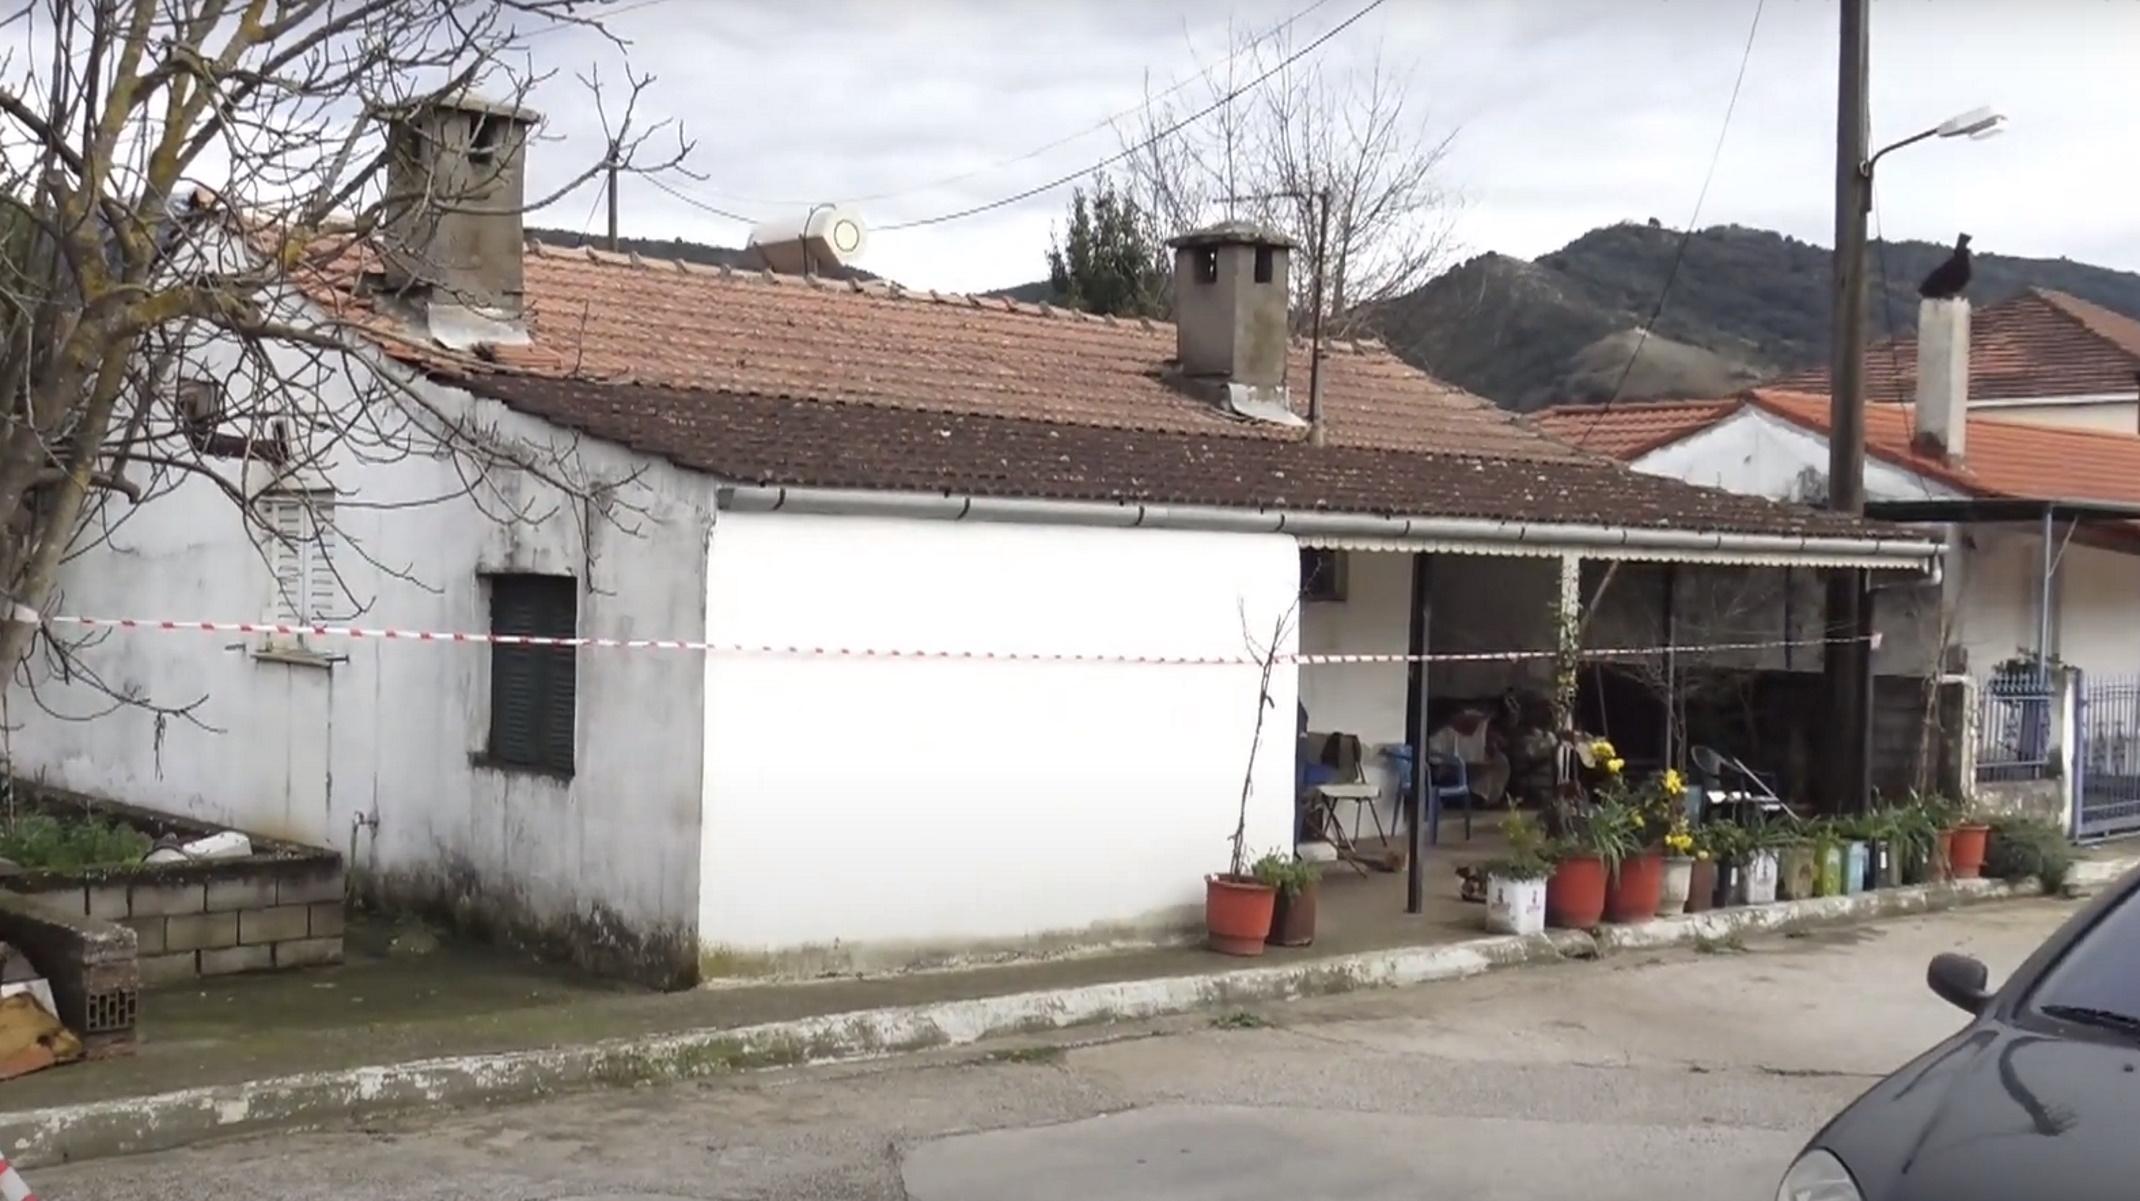 Αιτωλοακαρνανία: Ραγδαίες εξελίξεις για τη φονική ληστεία – Ένας συγγενής και δύο γείτονες κρατούνται